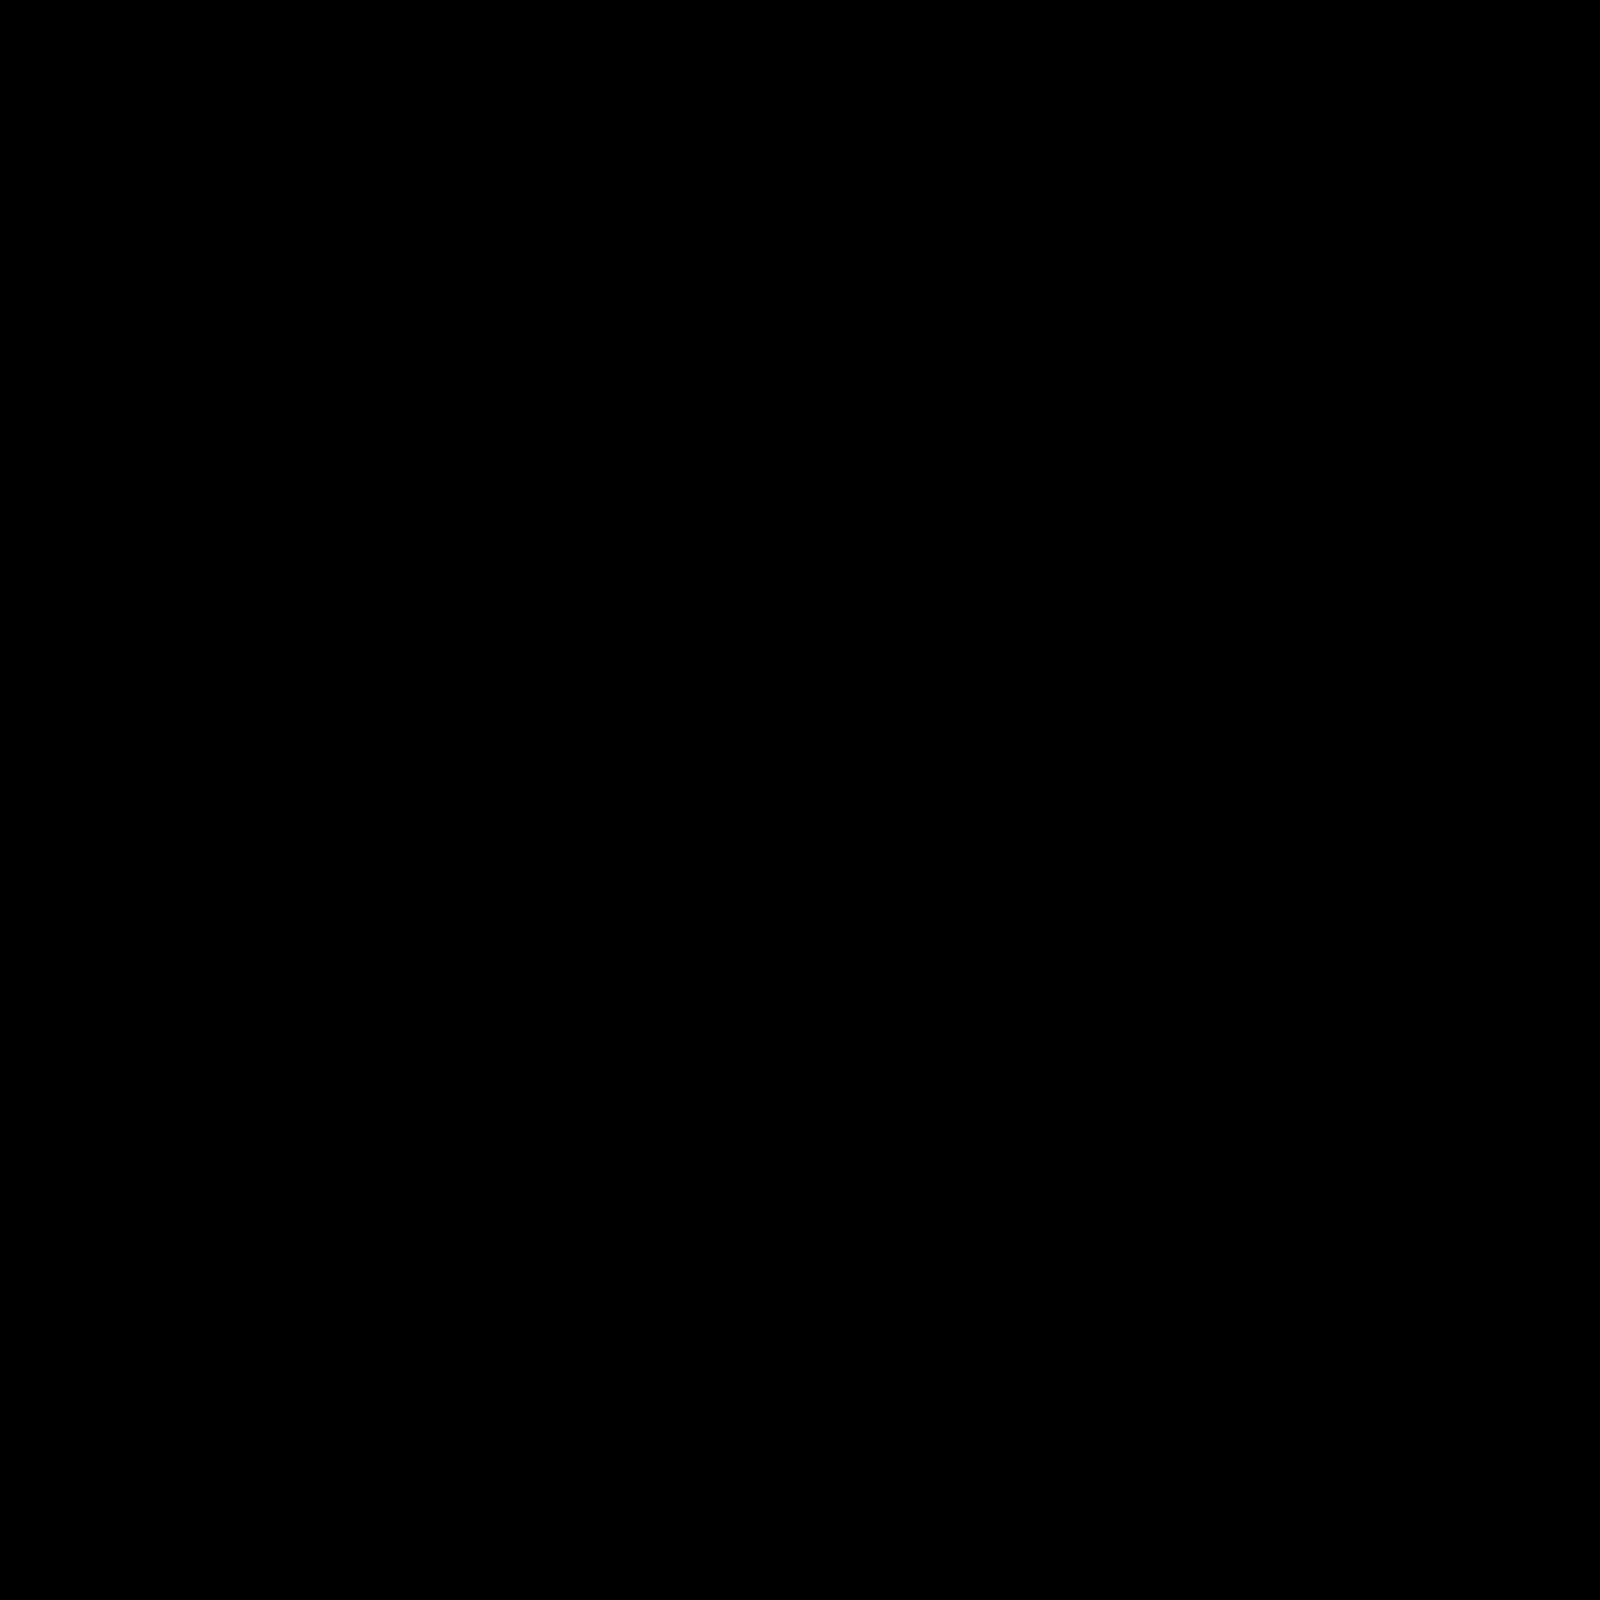 Up Left icon